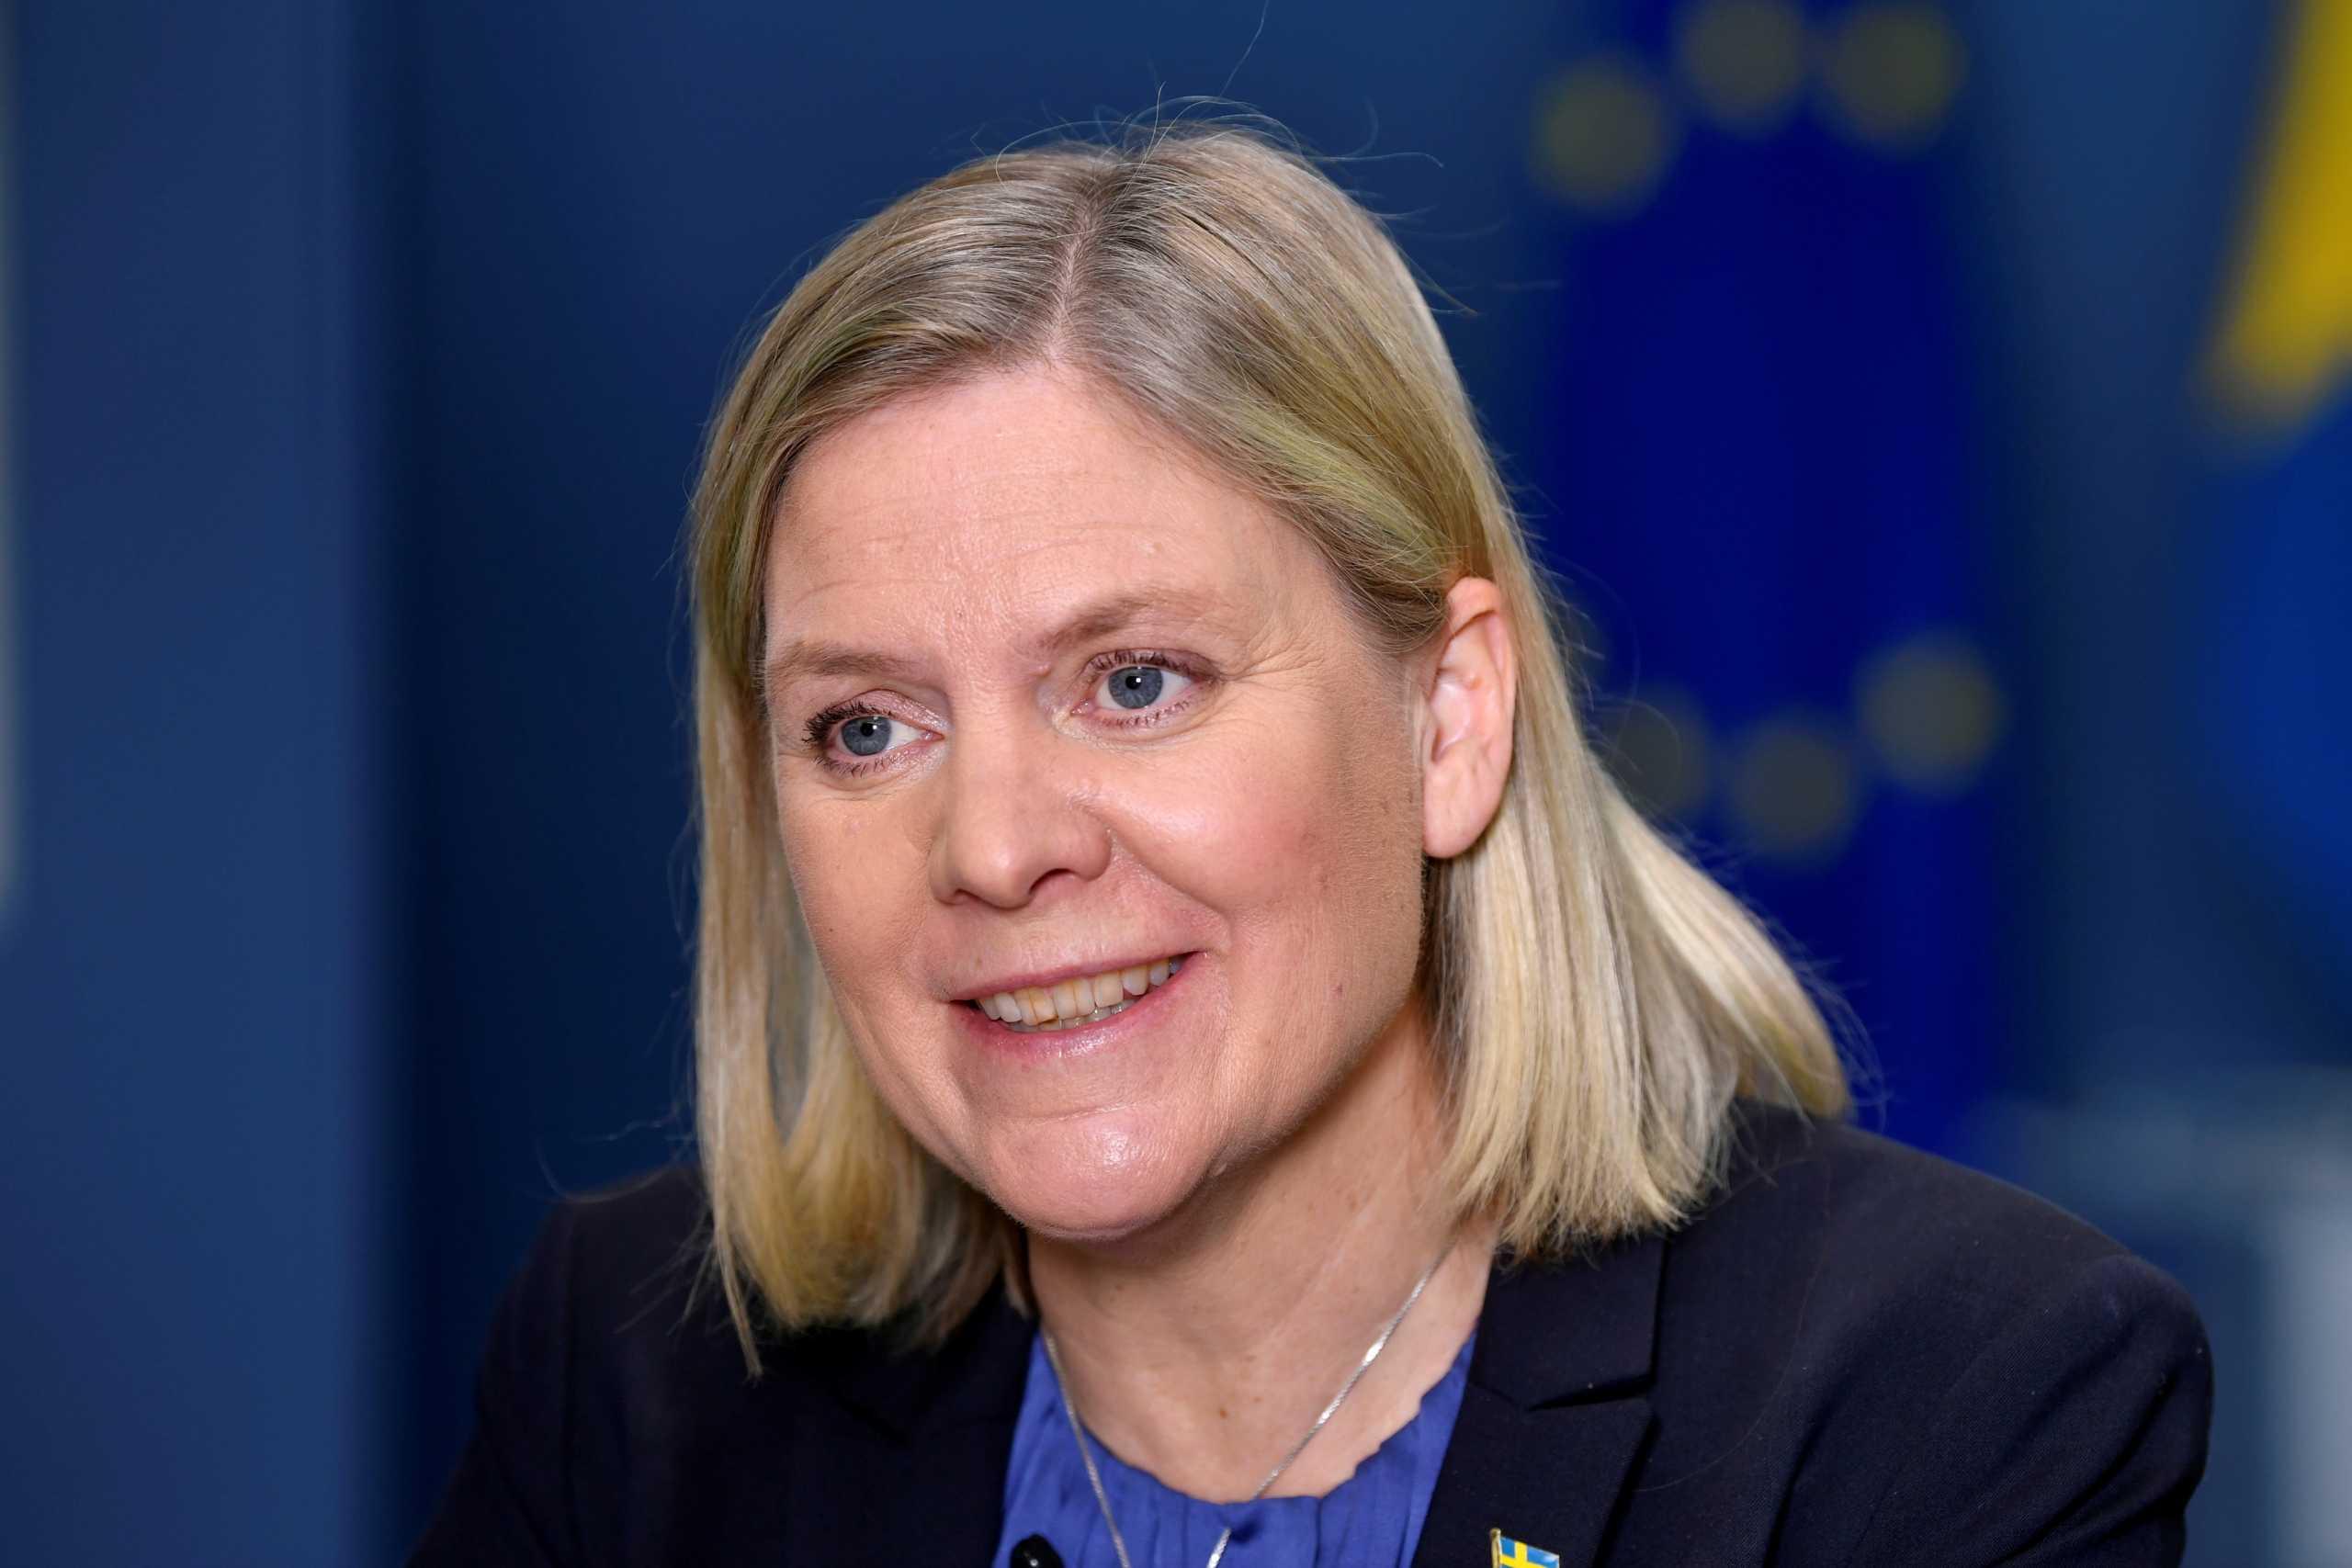 Σουηδία: Η υπουργός Οικονομικών και πρώην κολυμβήτρια γίνεται η πρώτη γυναίκα πρωθυπουργός στη χώρα